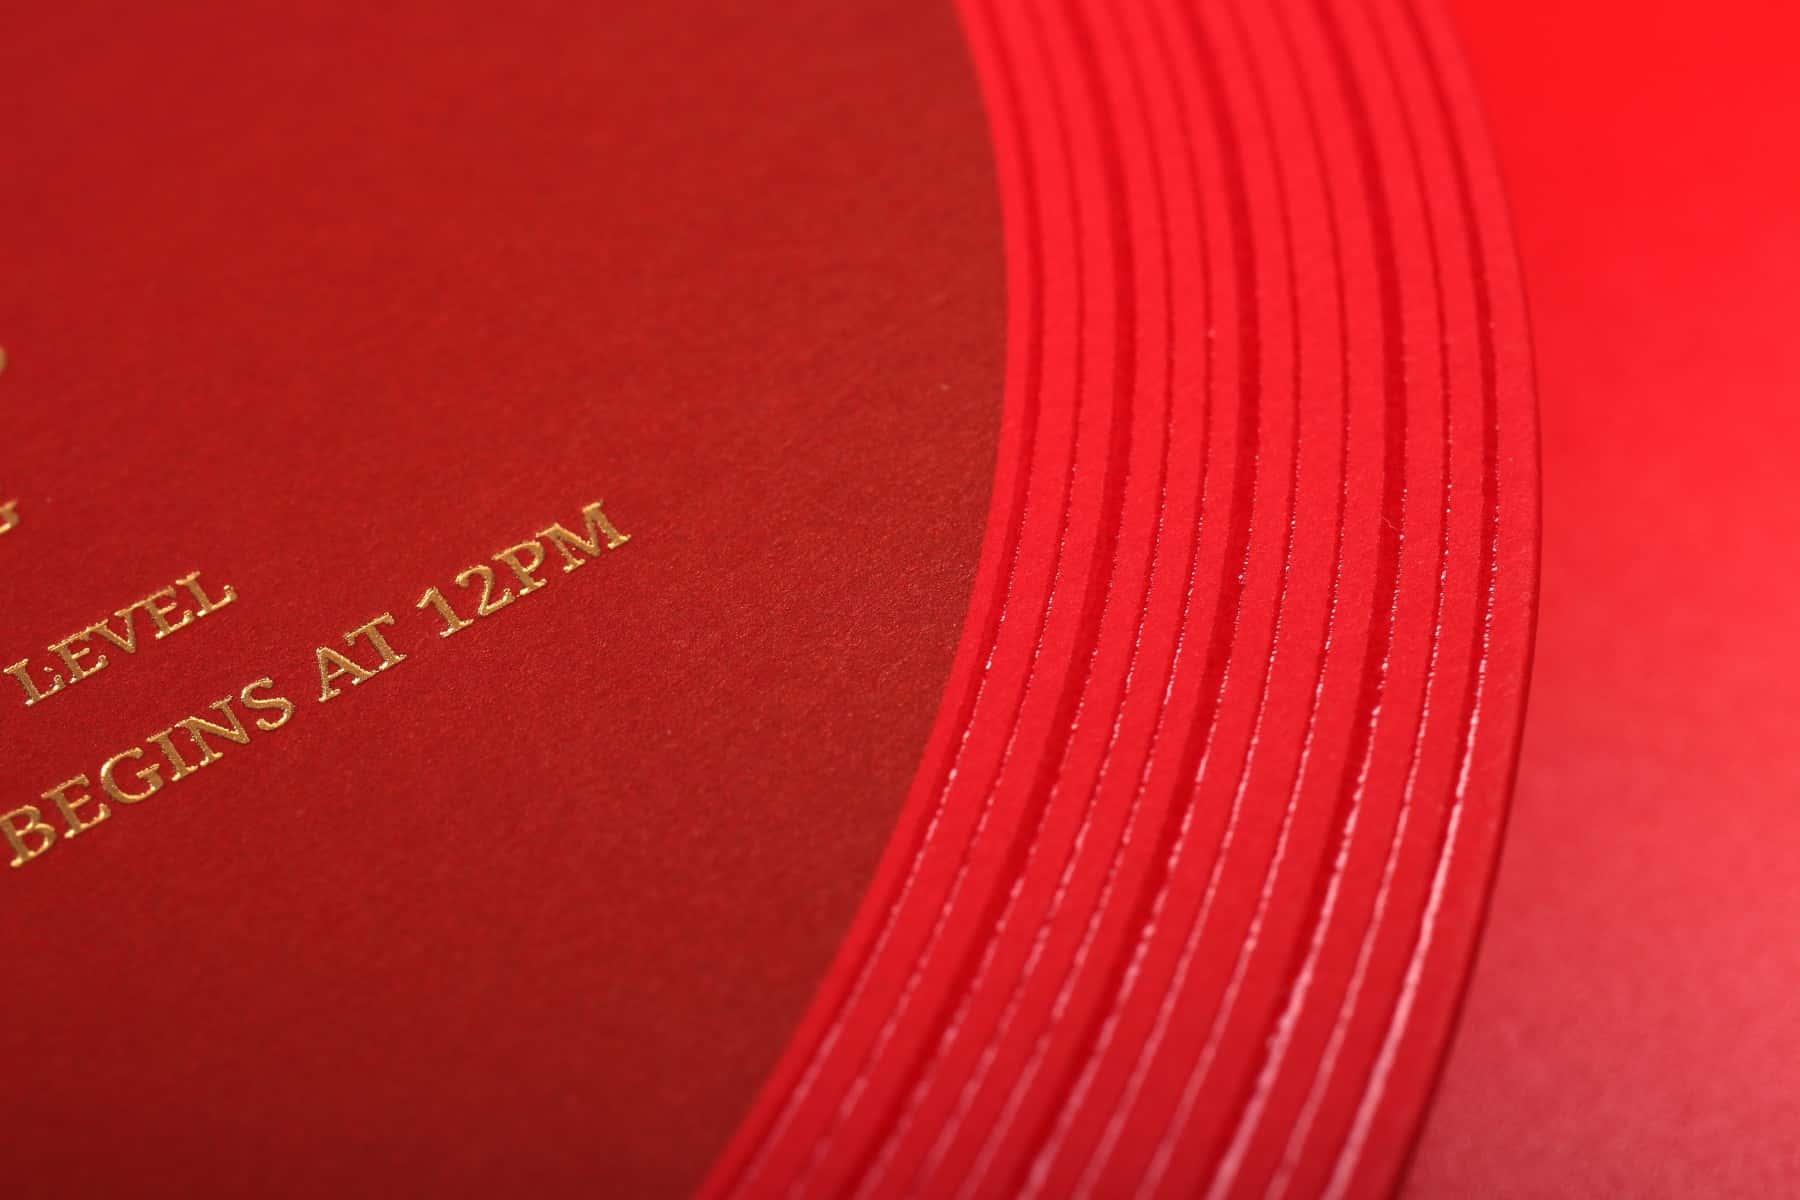 Ceci & Leon Wedding Invitation card design